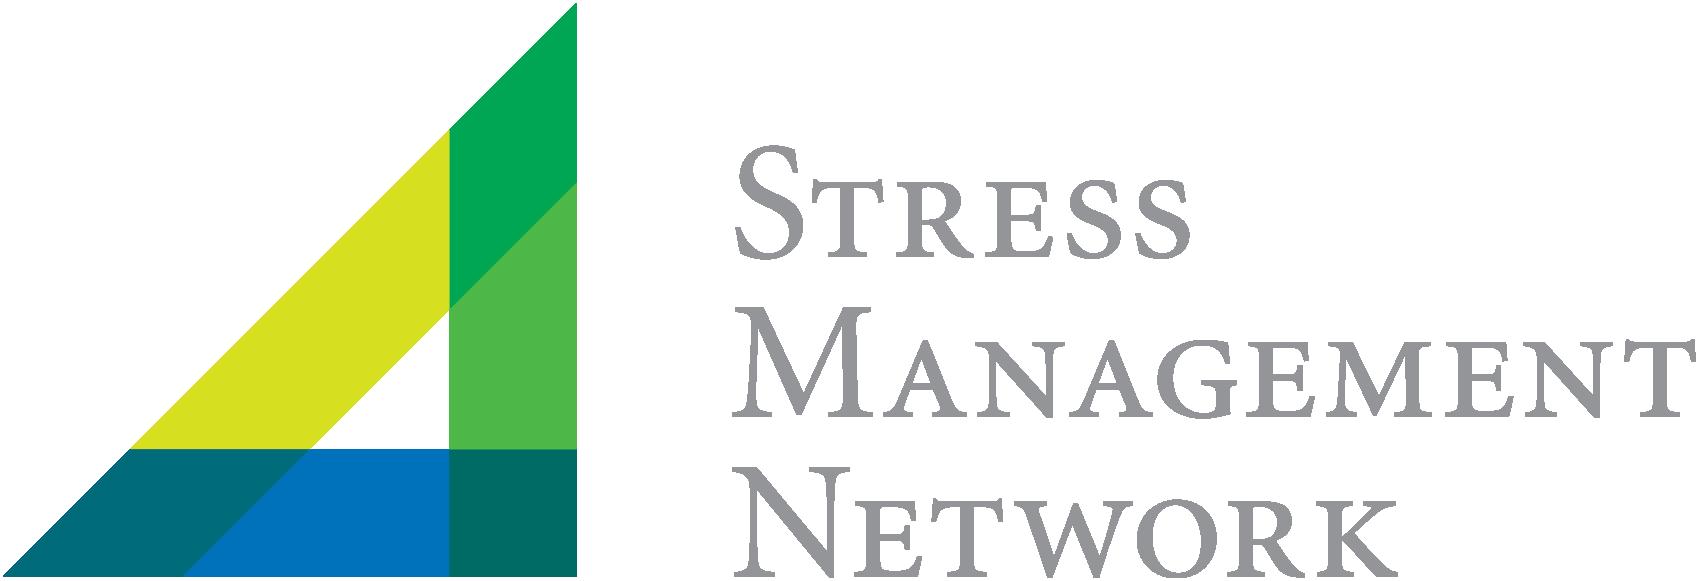 ストレスマネジメントネットワーク